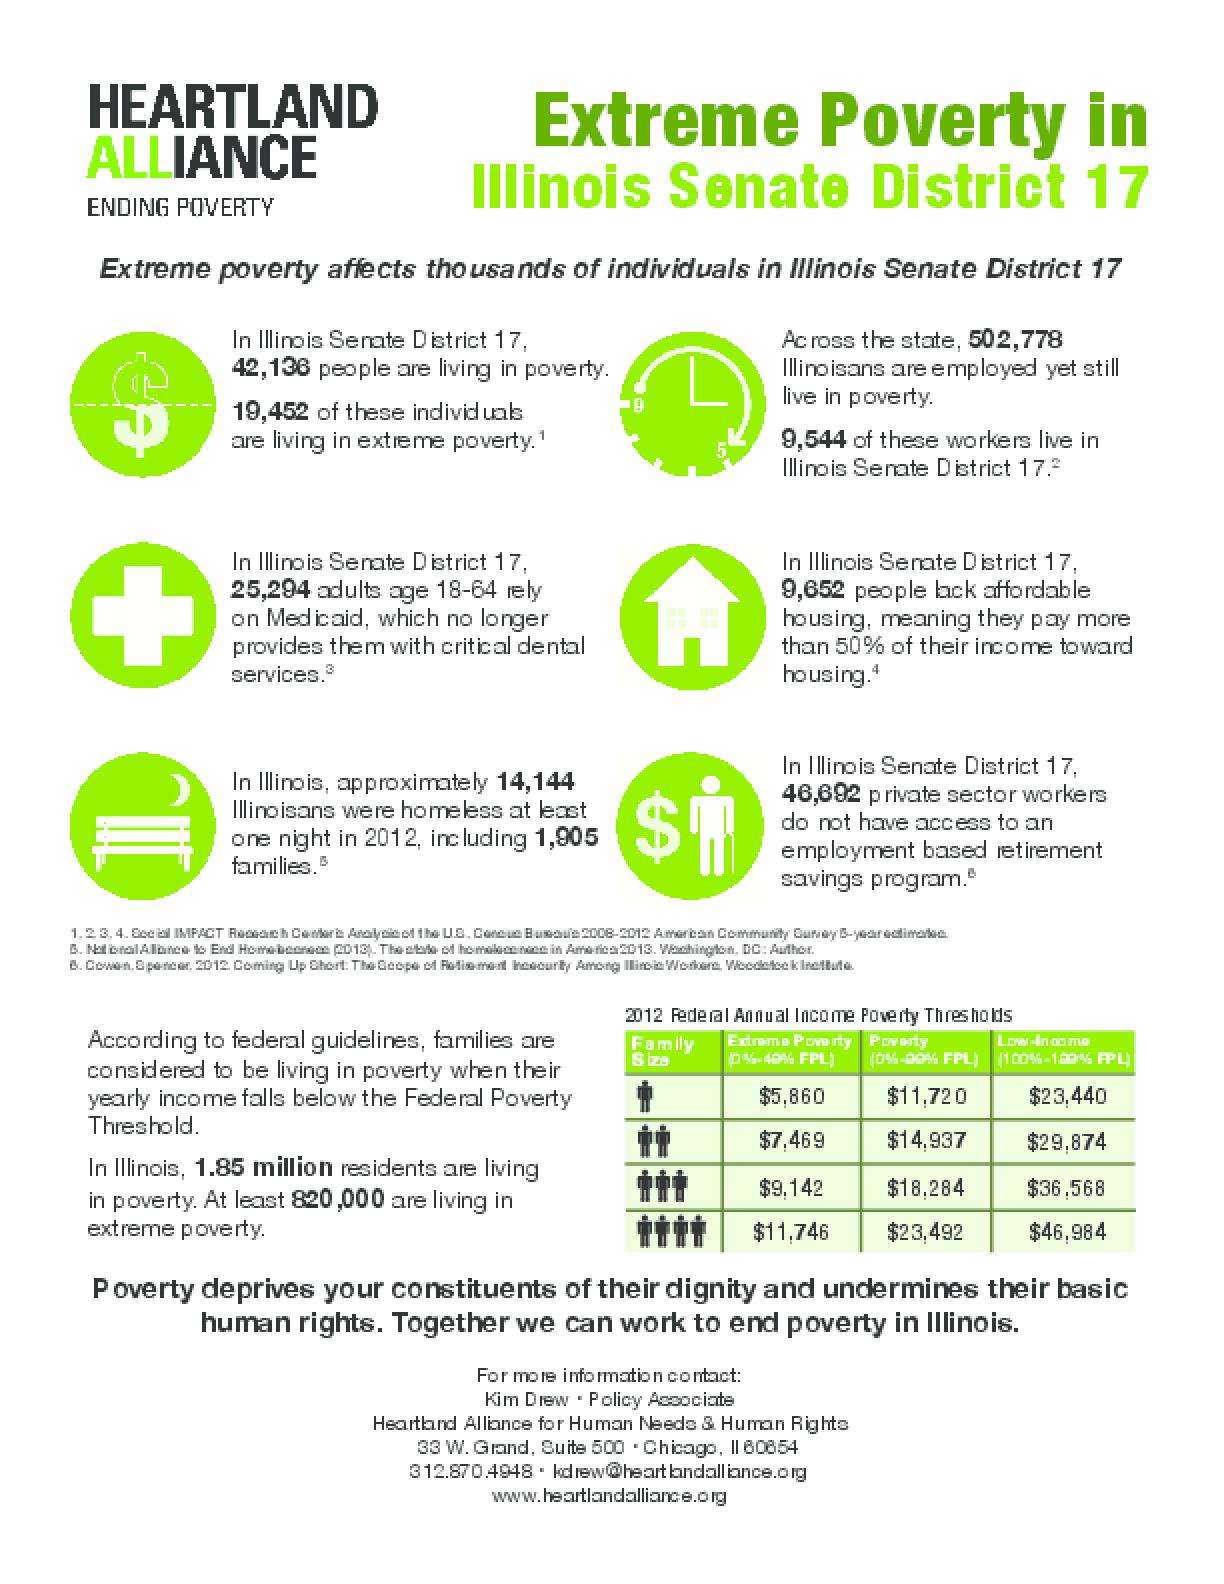 Poverty Fact Sheet for Illinois Senate District 17